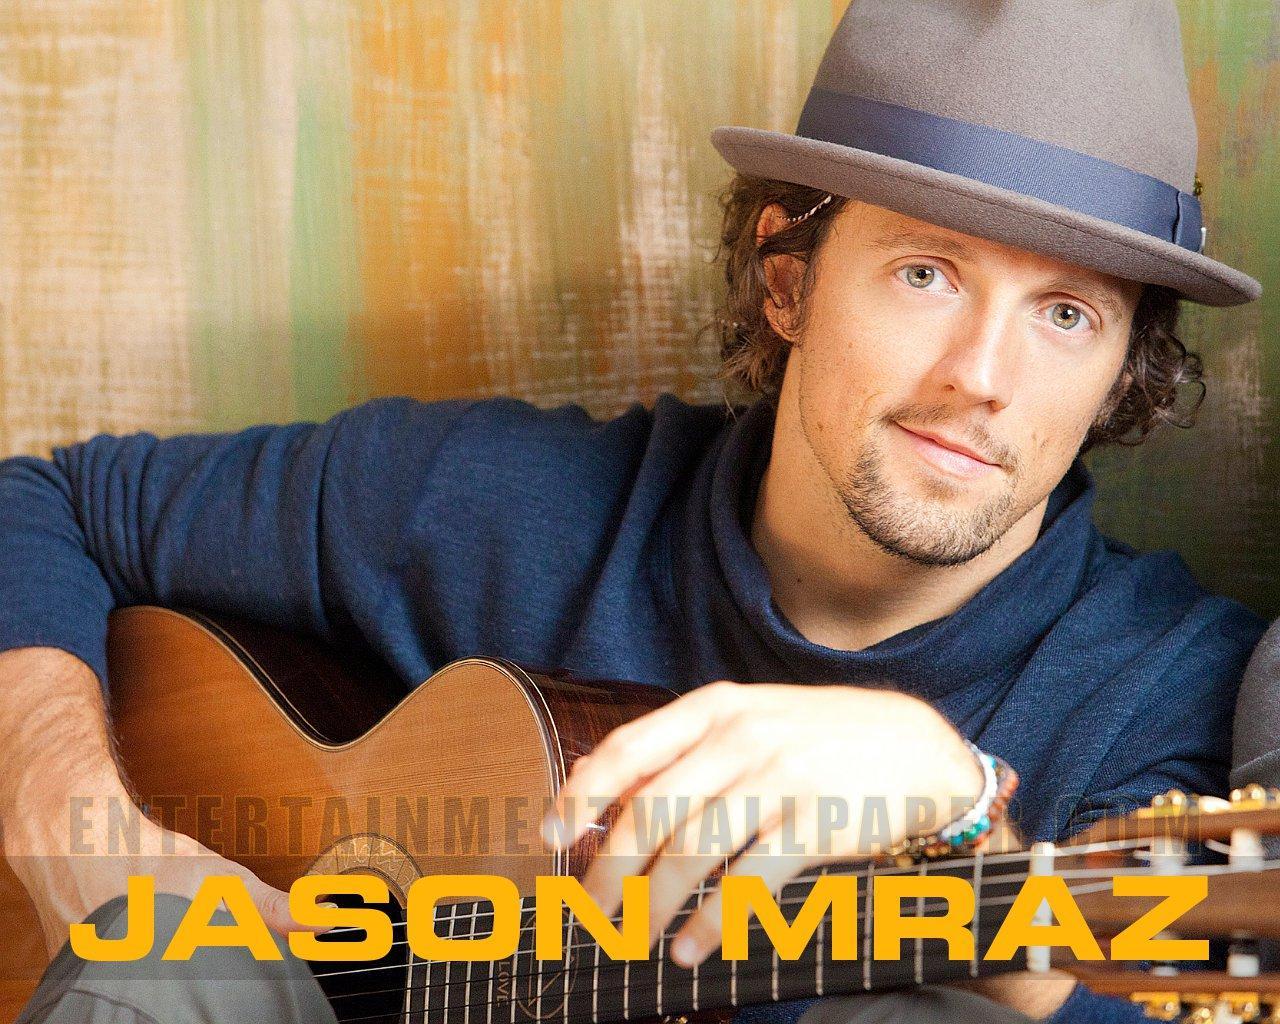 HOT JASON MRAZ WALLPAPER